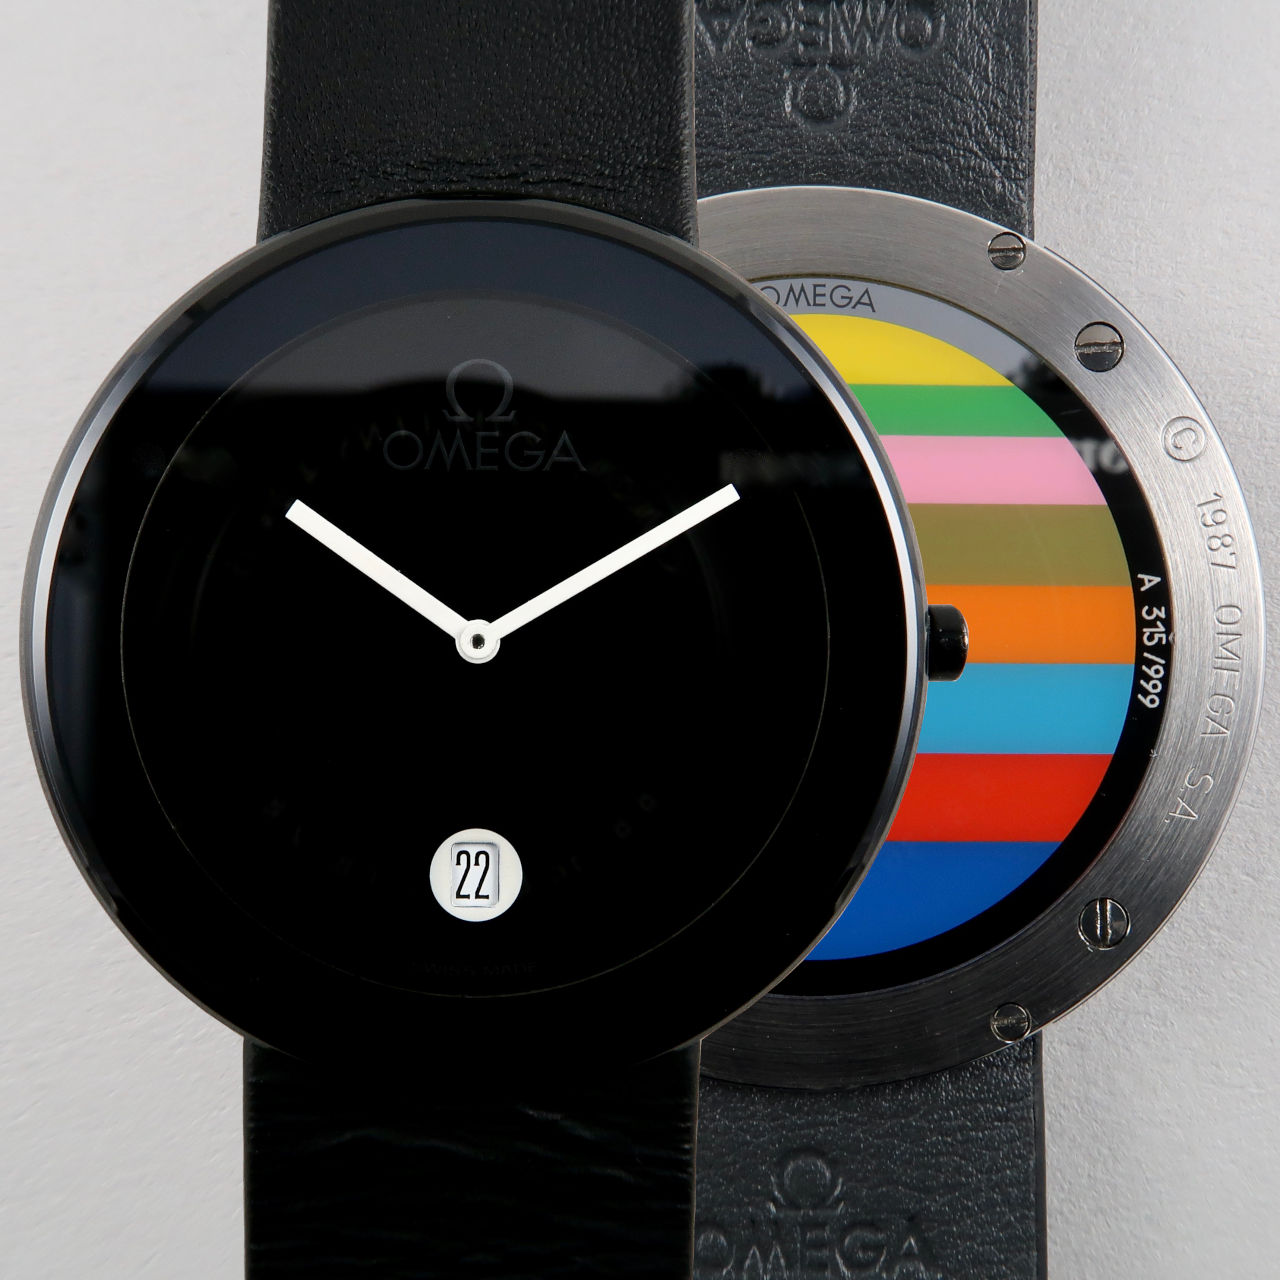 Omega Ref. 196.0440 Kenneth Noland Art Watch